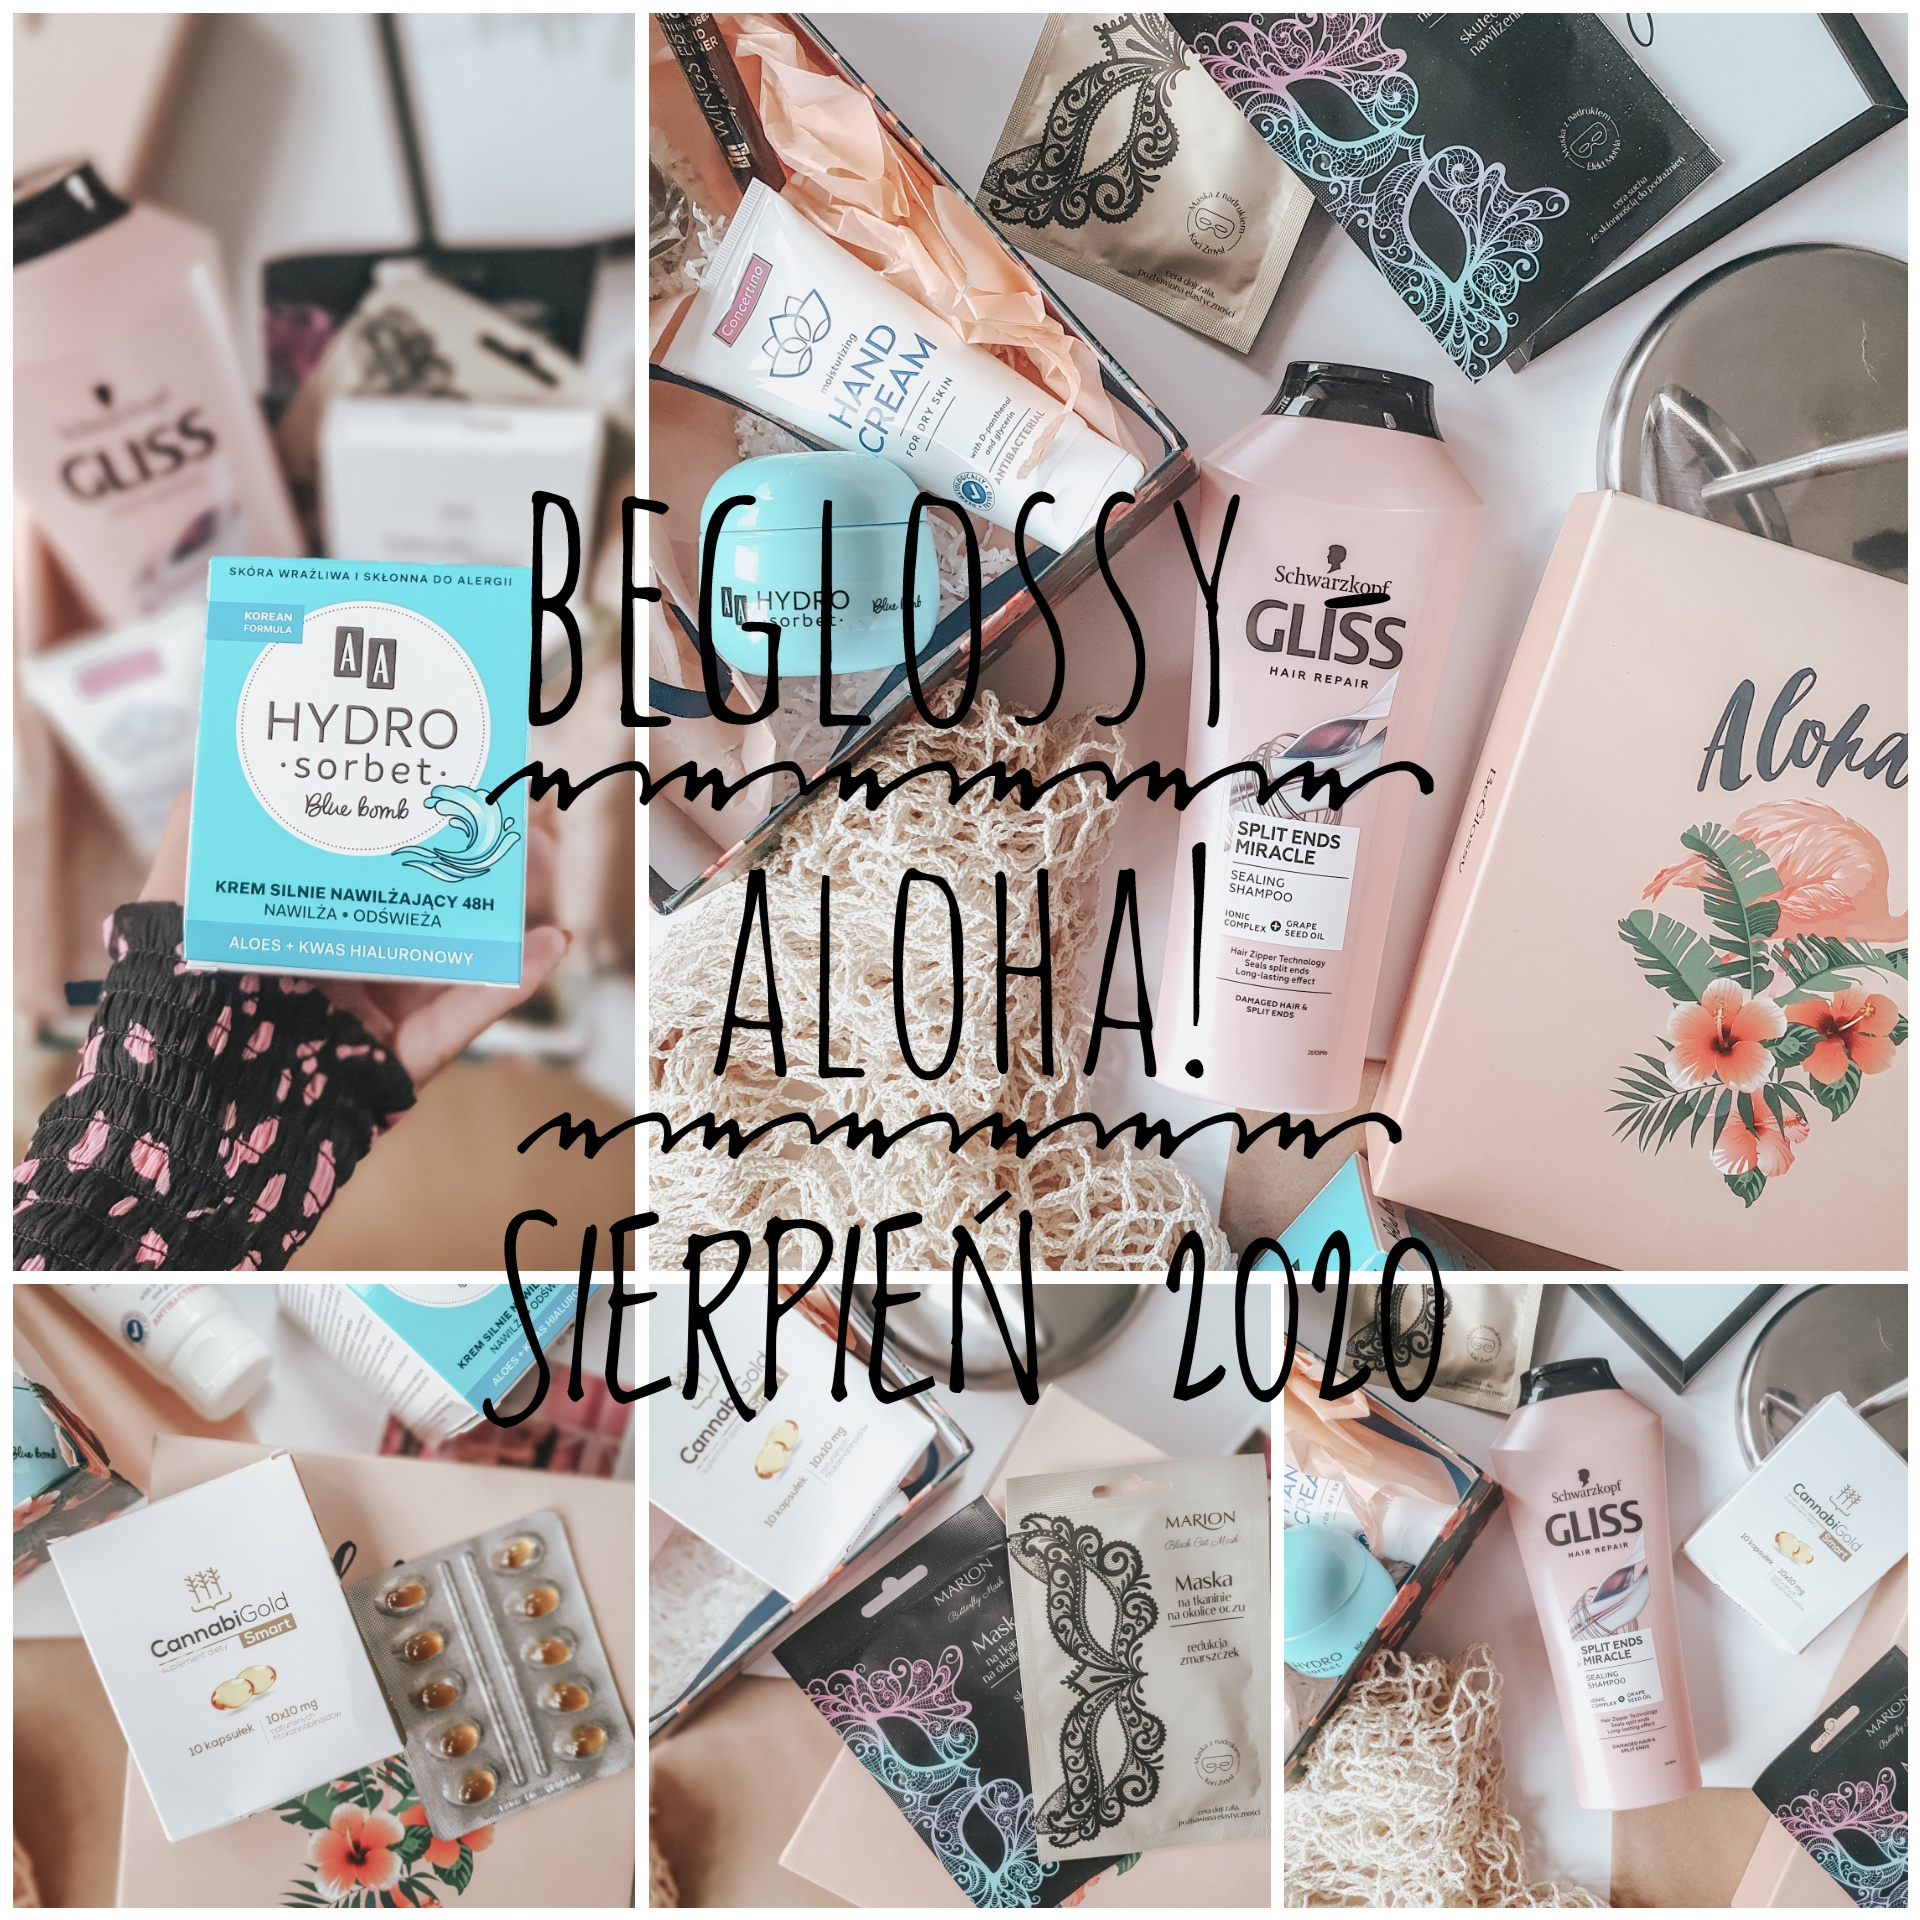 BeGlossy - Aloha! Co znalazło się w sierpniowym pudełku?